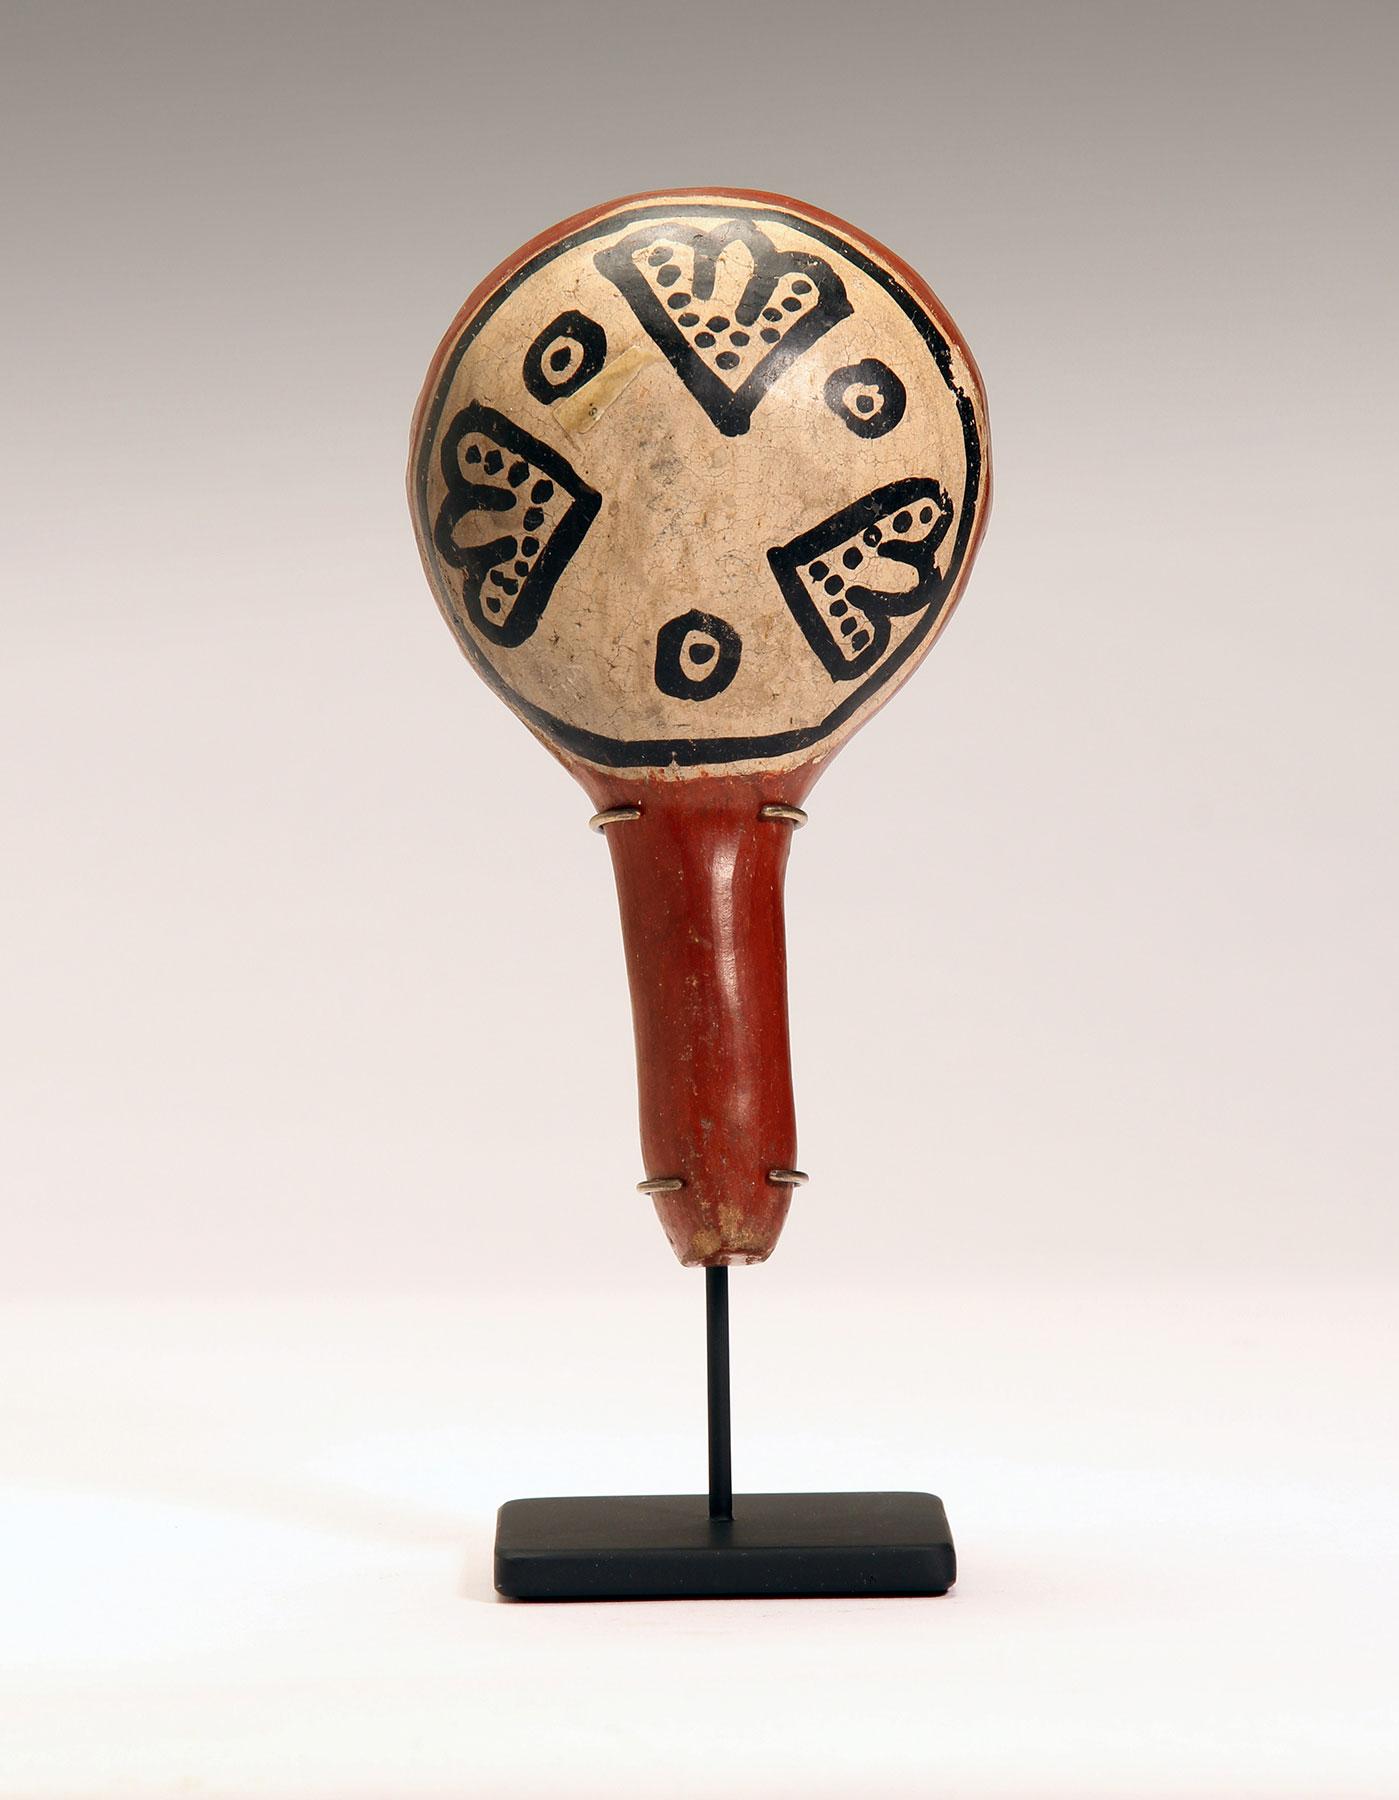 Tesuque rattle